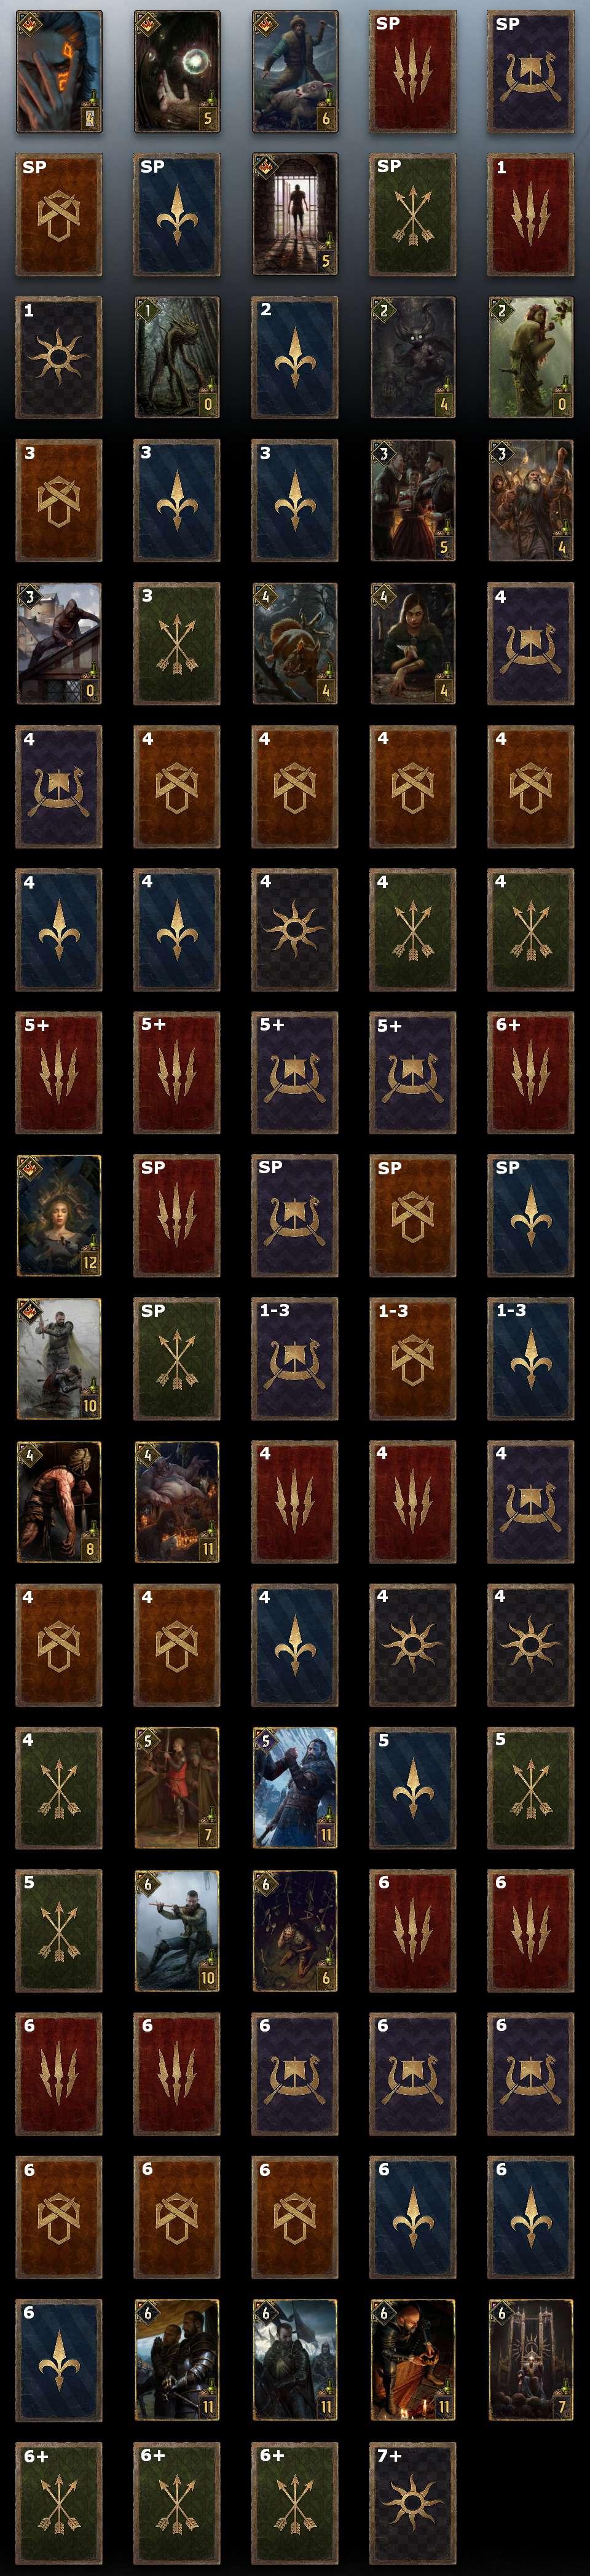 MM-reveals-predictions.jpg